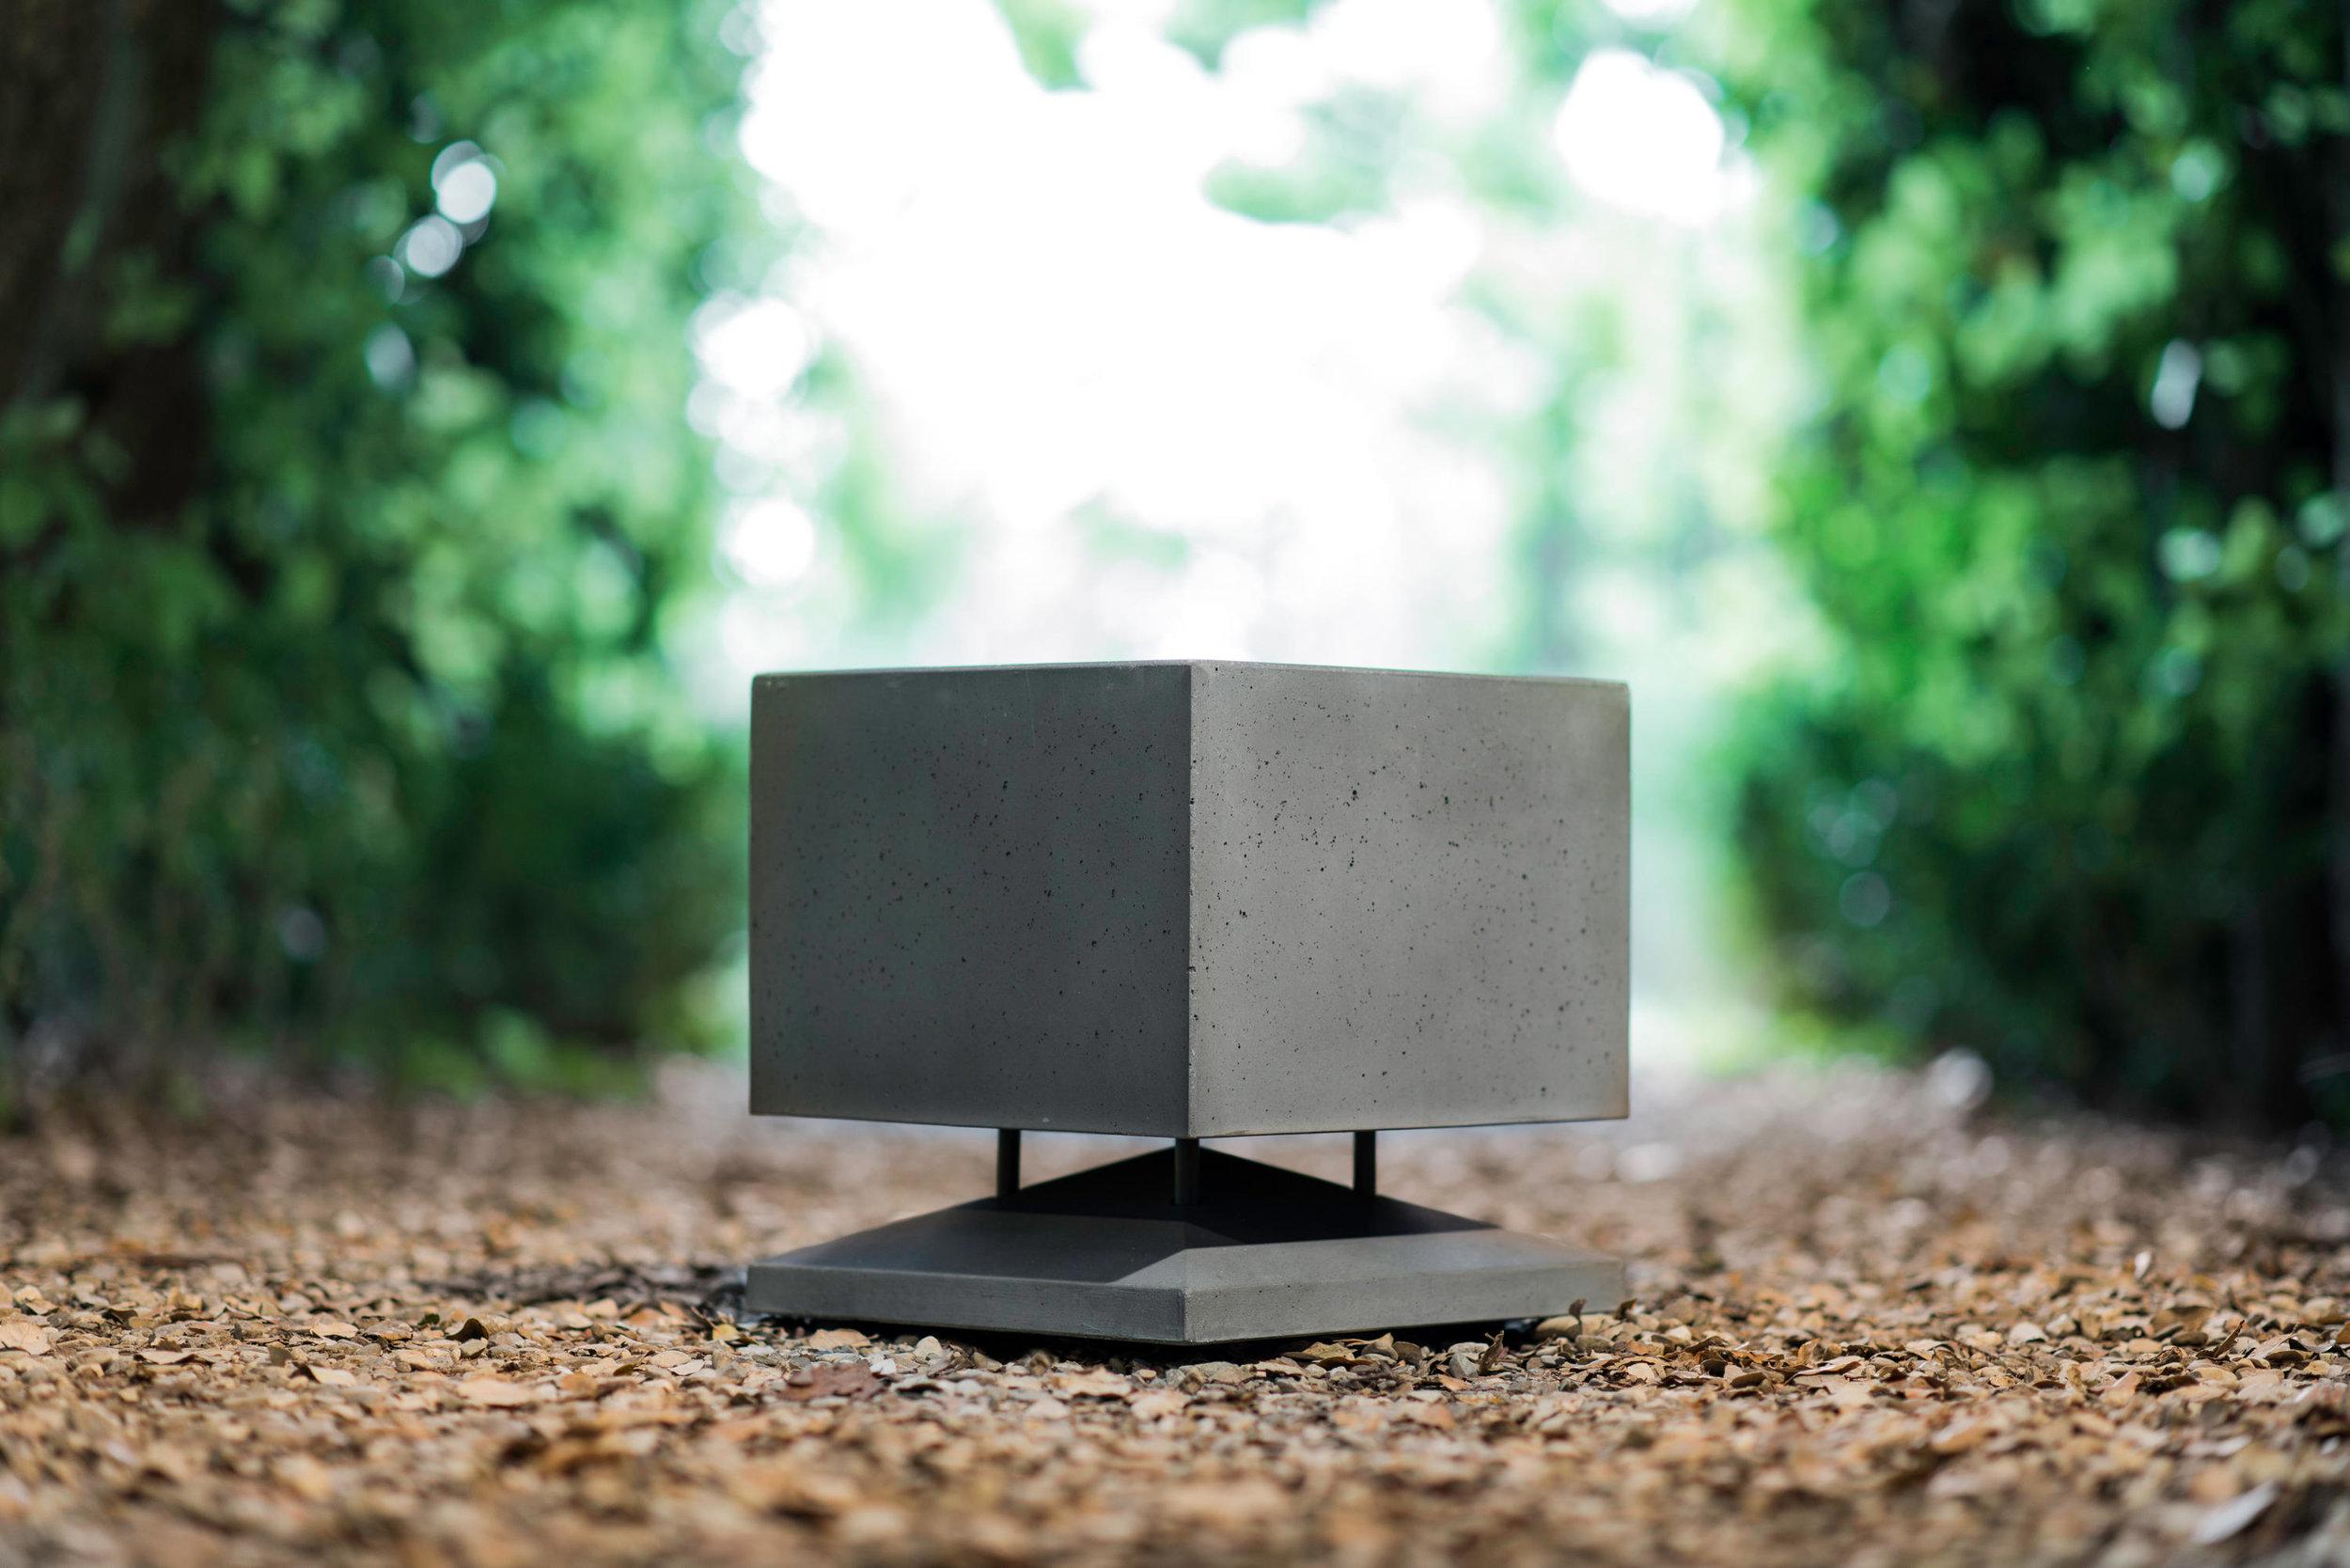 cubino-concretegrey-cementogrigio-2-b.jpg